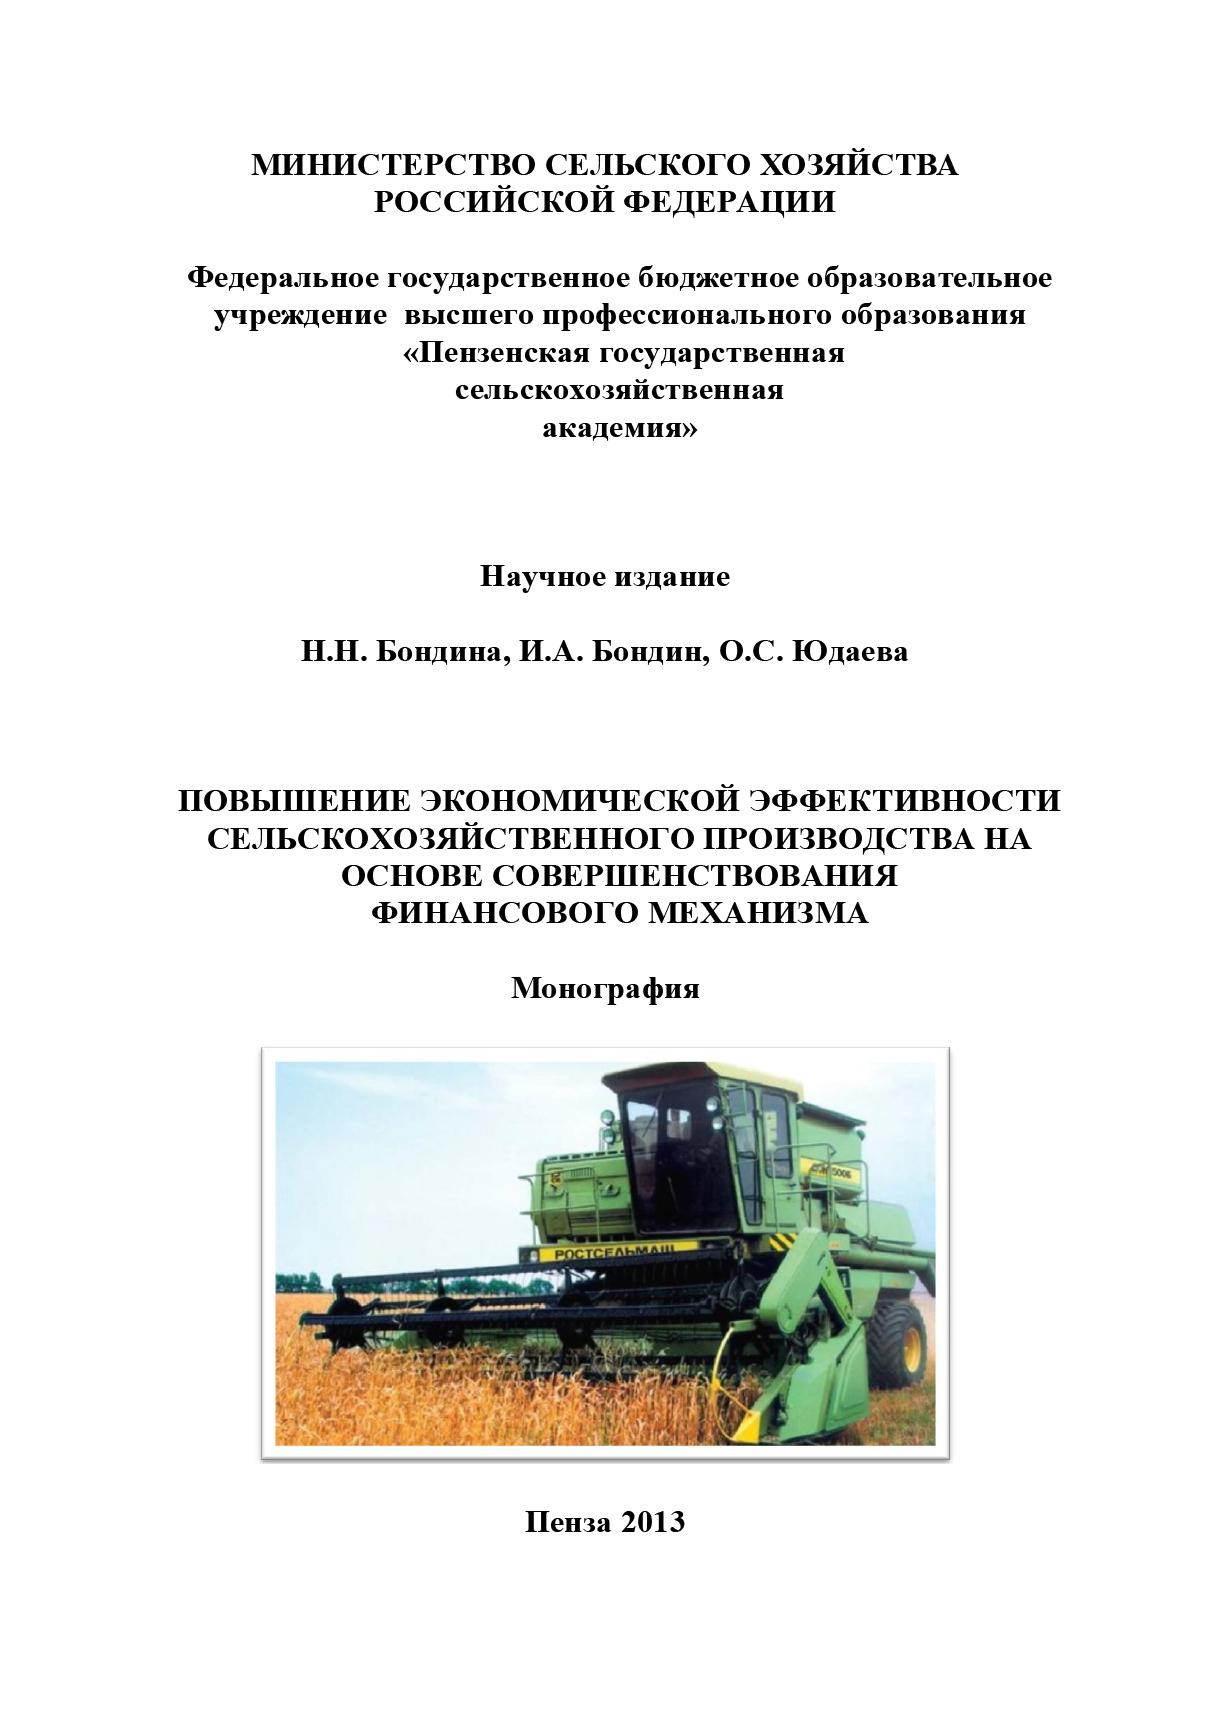 И. А. Бондин Повышение экономической эффективности сельскохозяйственного производства на основе совершенствования финансового механизма